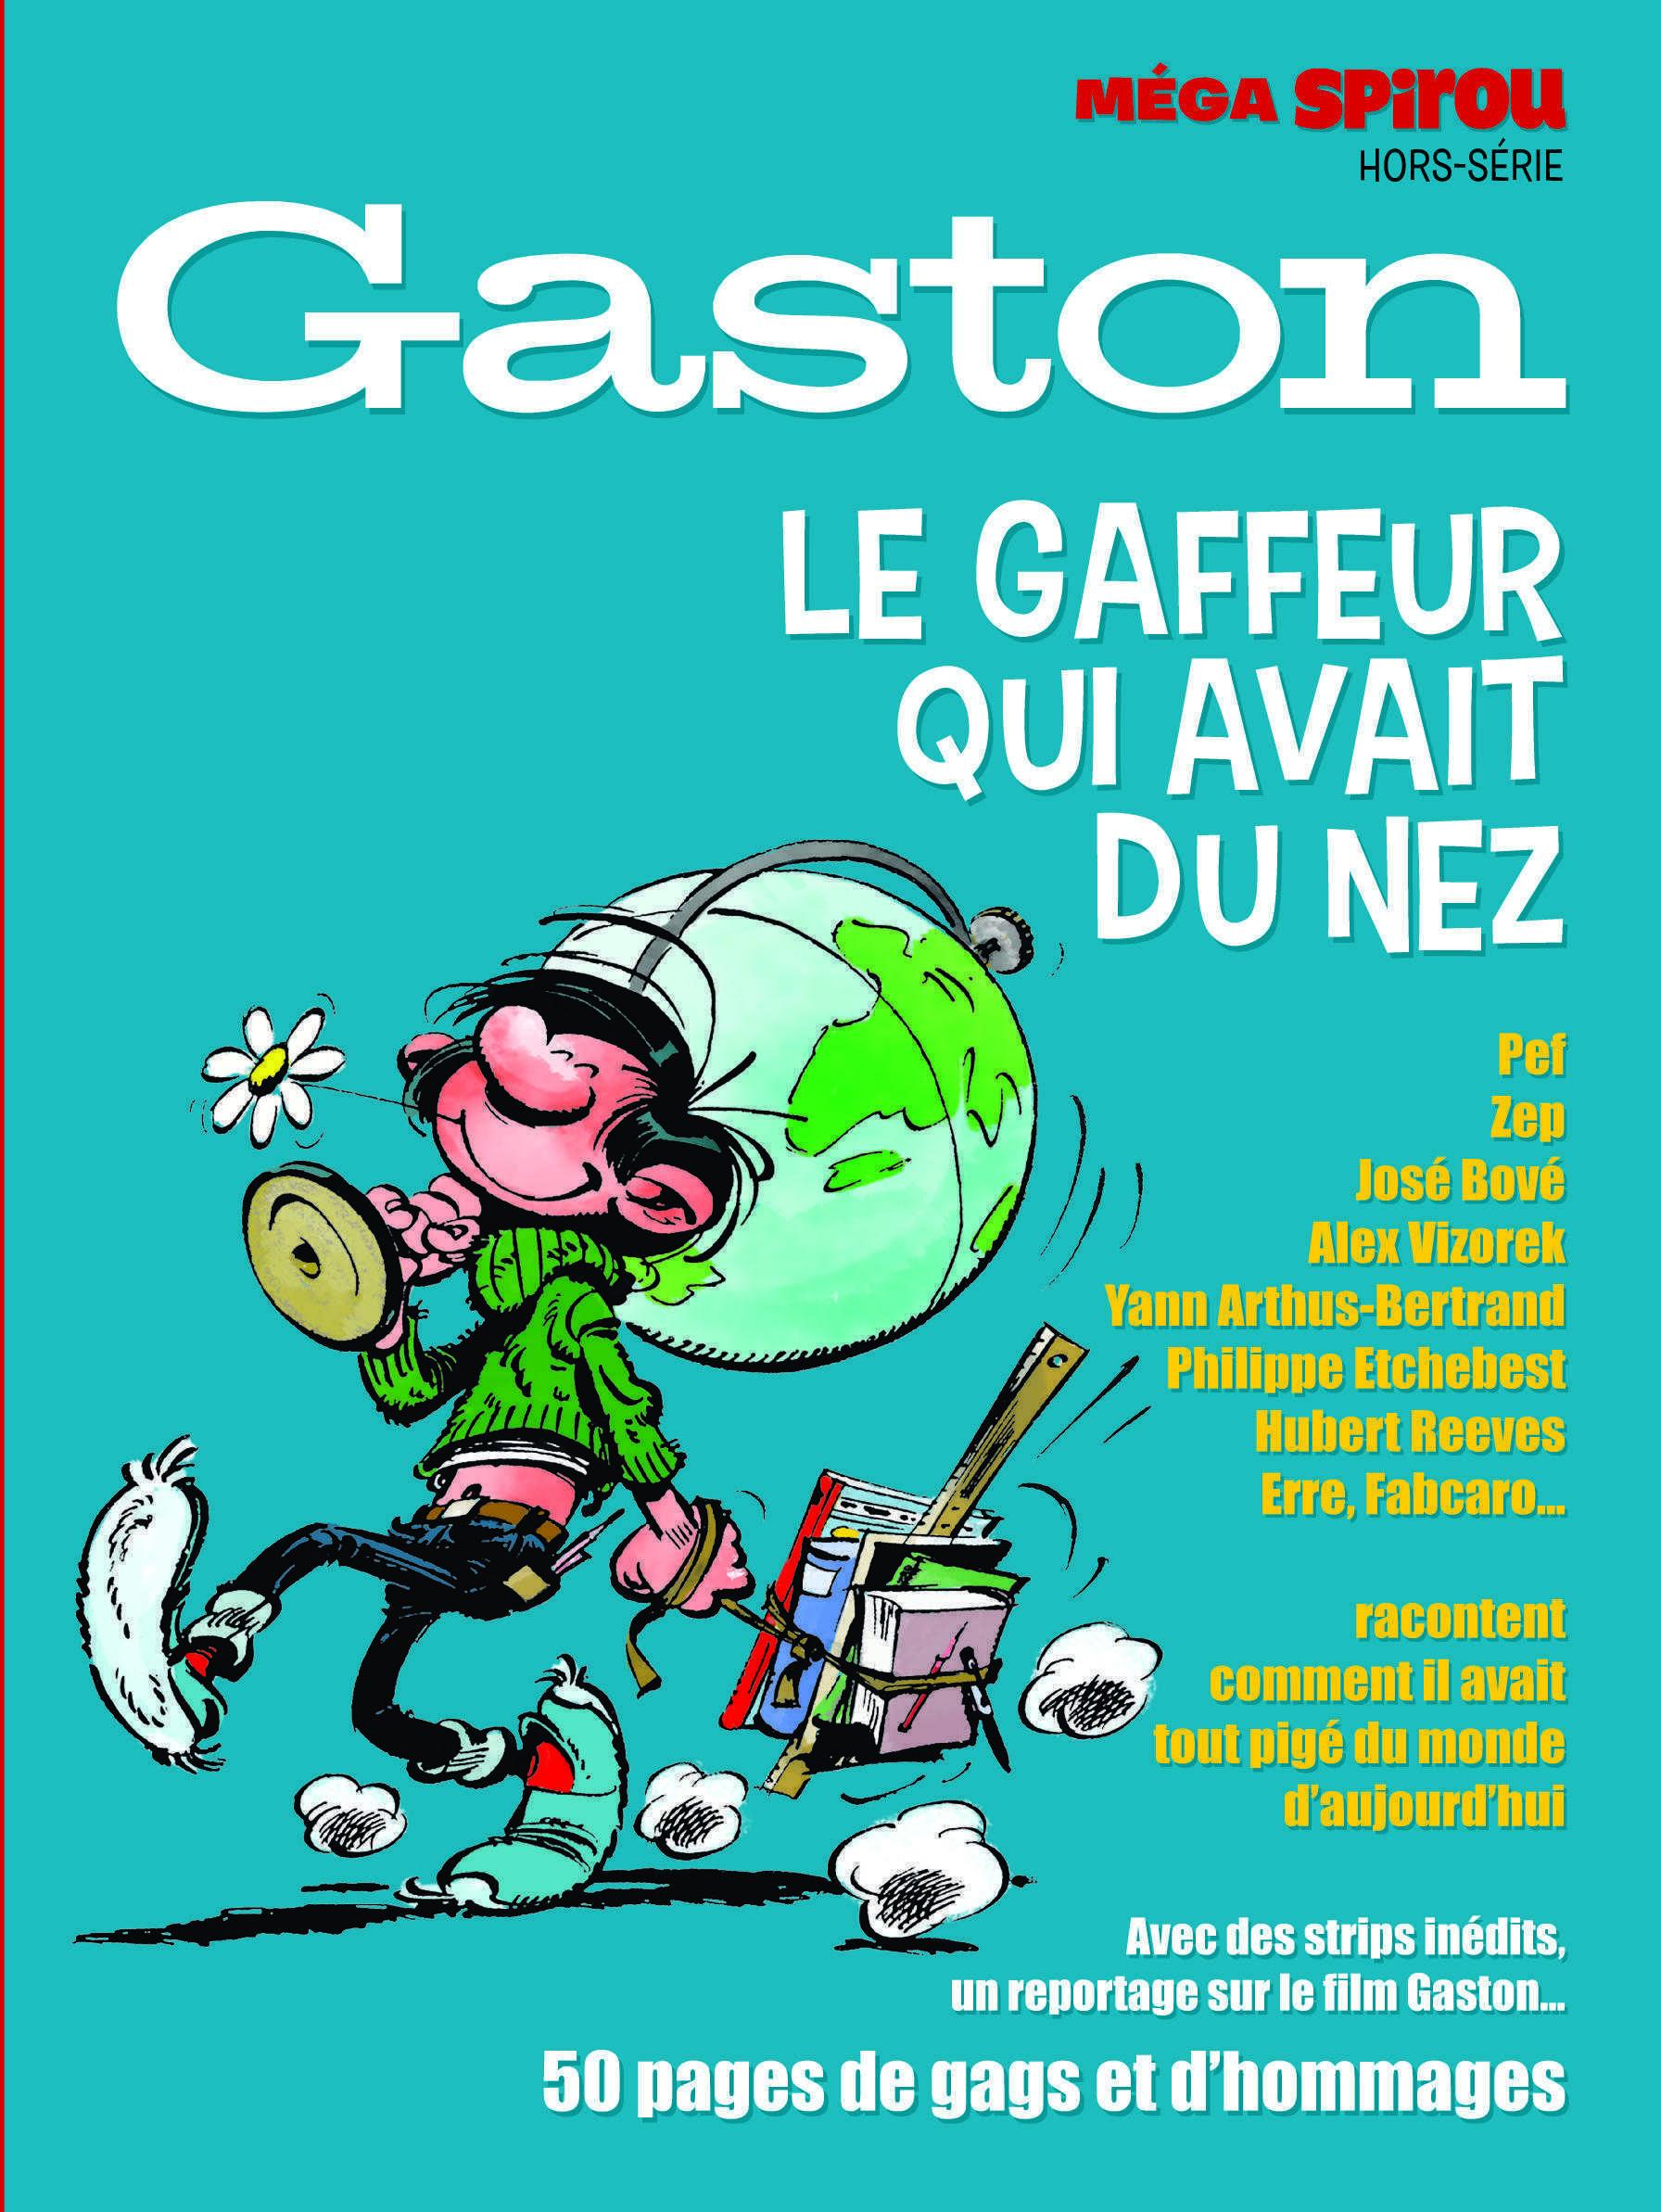 Gaston super star du grand écran le 4 avril à un Méga Spirou